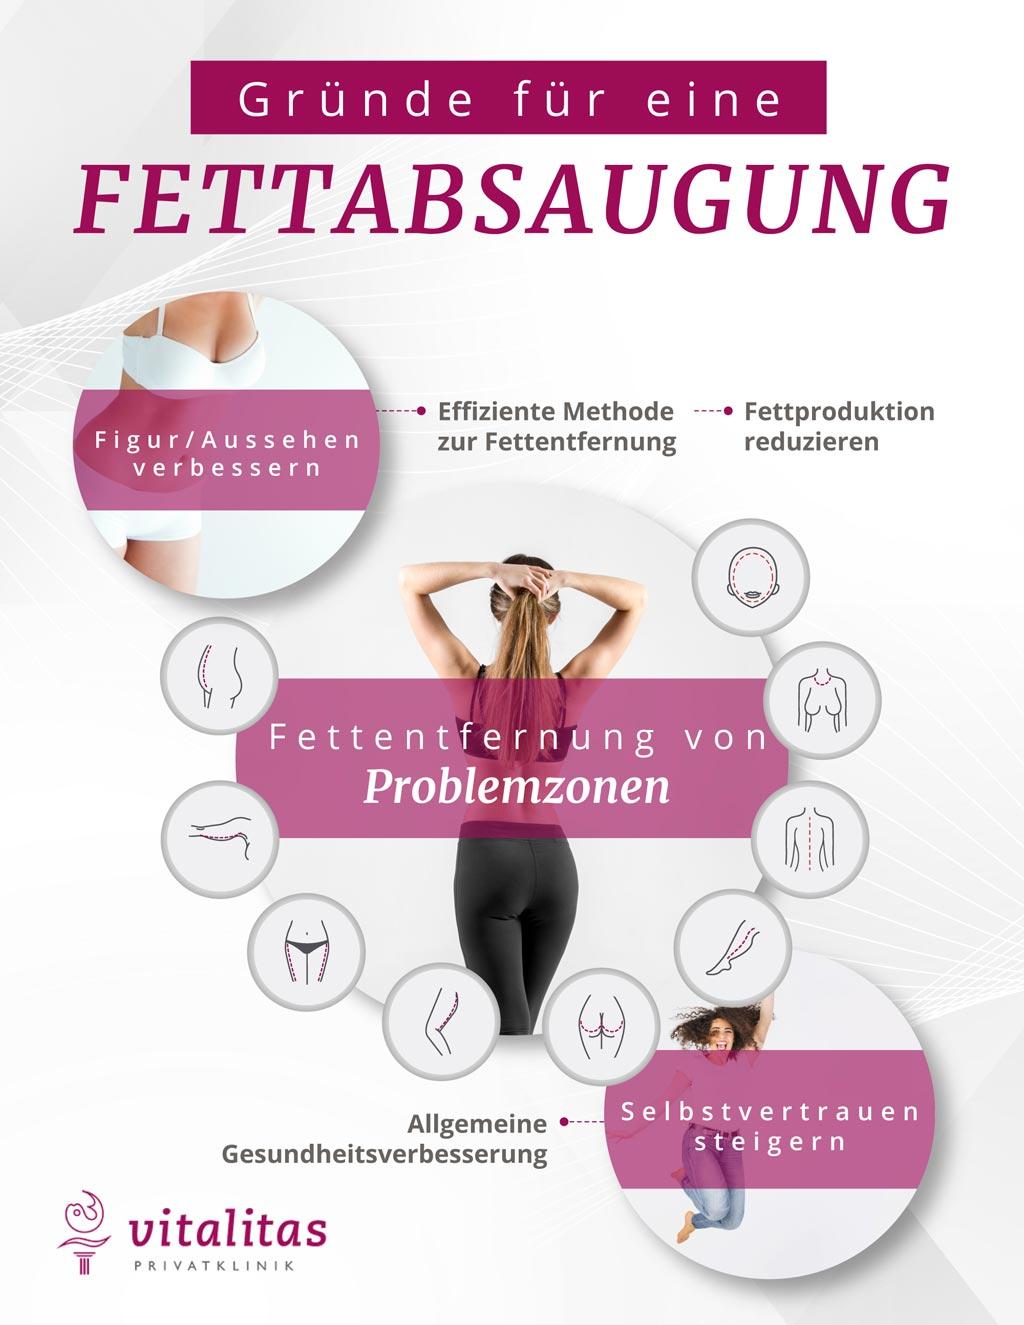 Infografik Gründe für eine Fettabsaugung